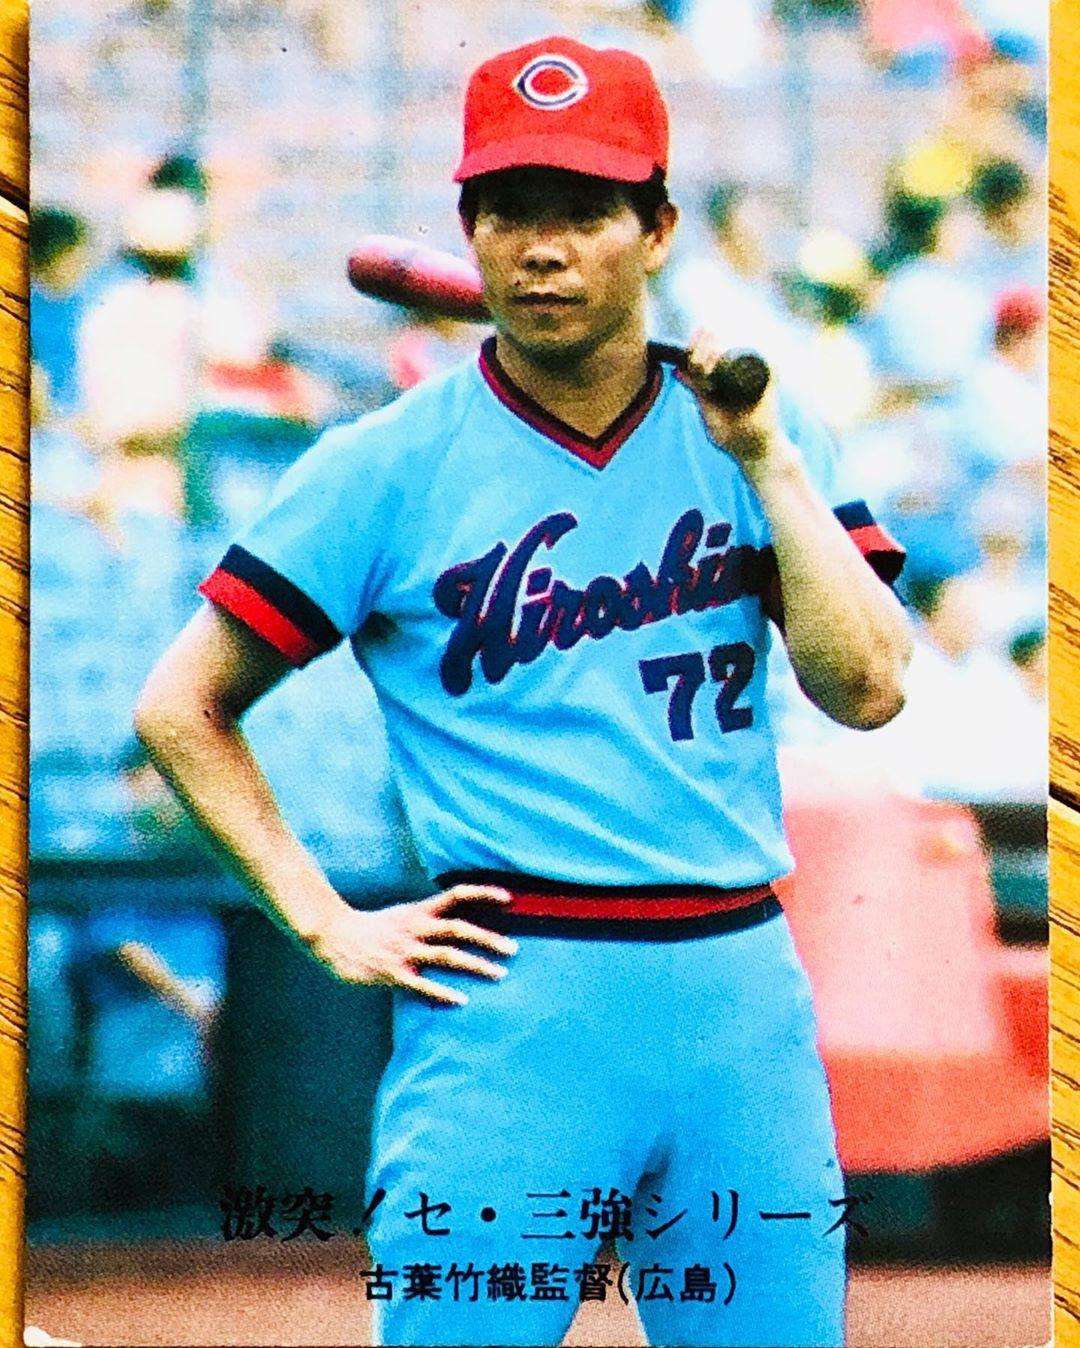 画像に含まれている可能性があるもの:1人以上、野球   Baseball cards ...